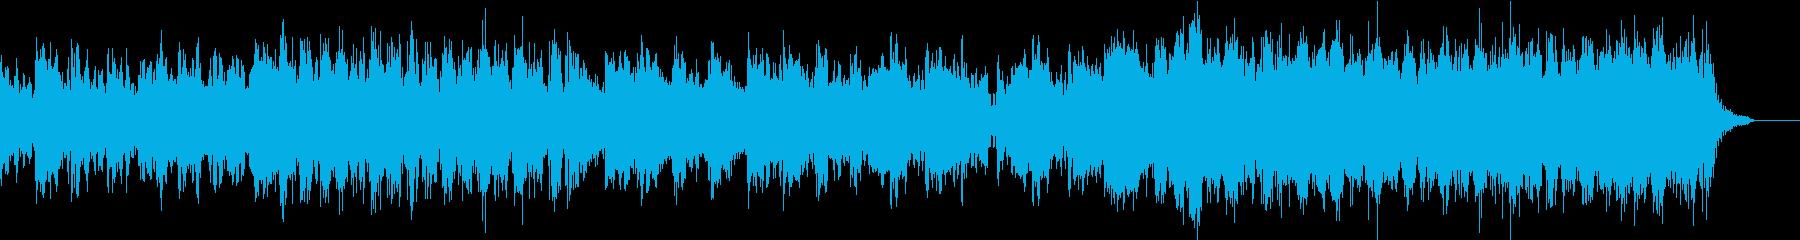 壮大・感動オーケストラ映画予告編風BGMの再生済みの波形